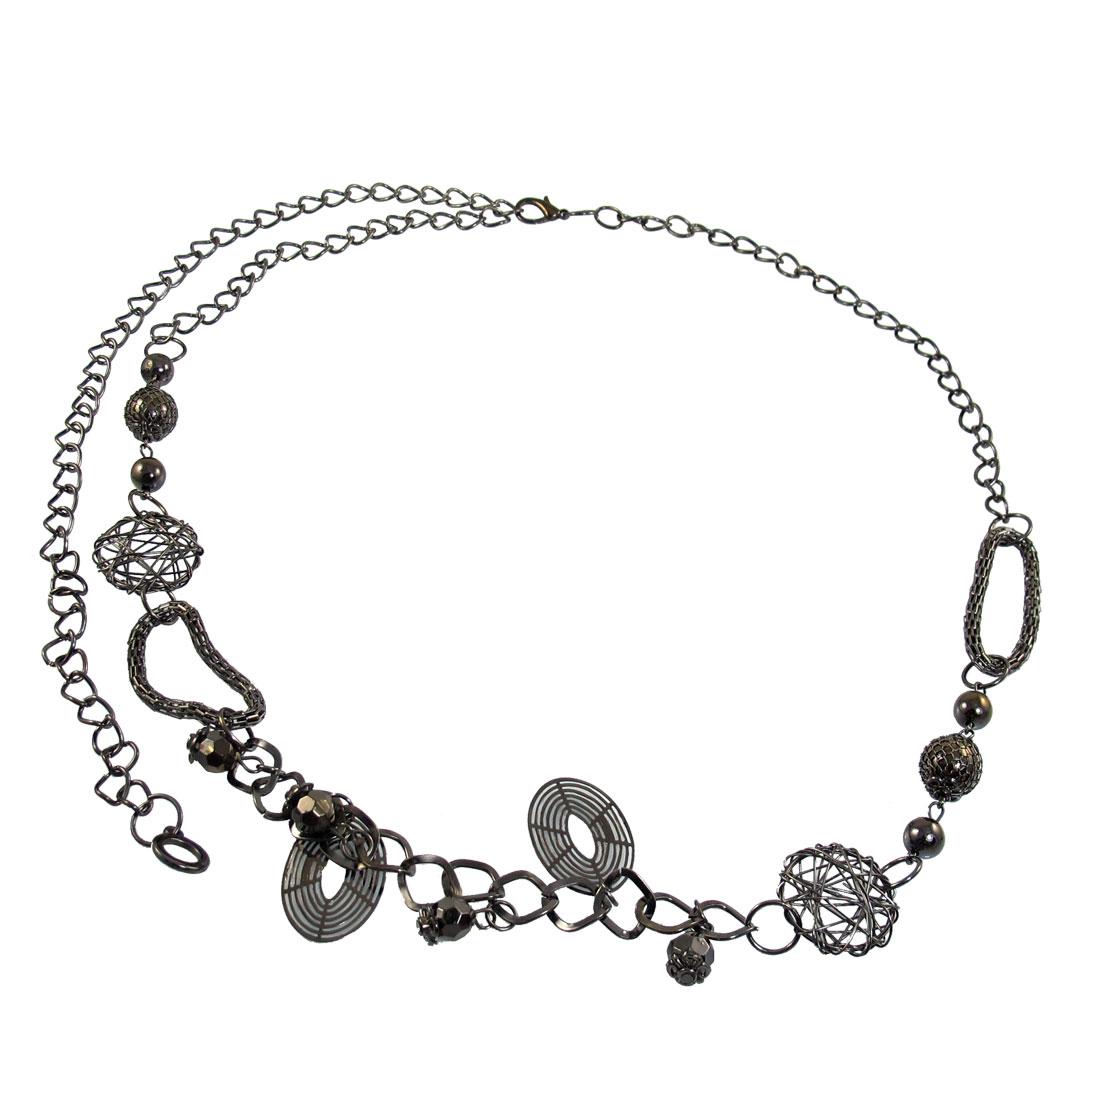 Dark Gray Metal Hoops Multi String Link Waist Belt Chain for Ladies